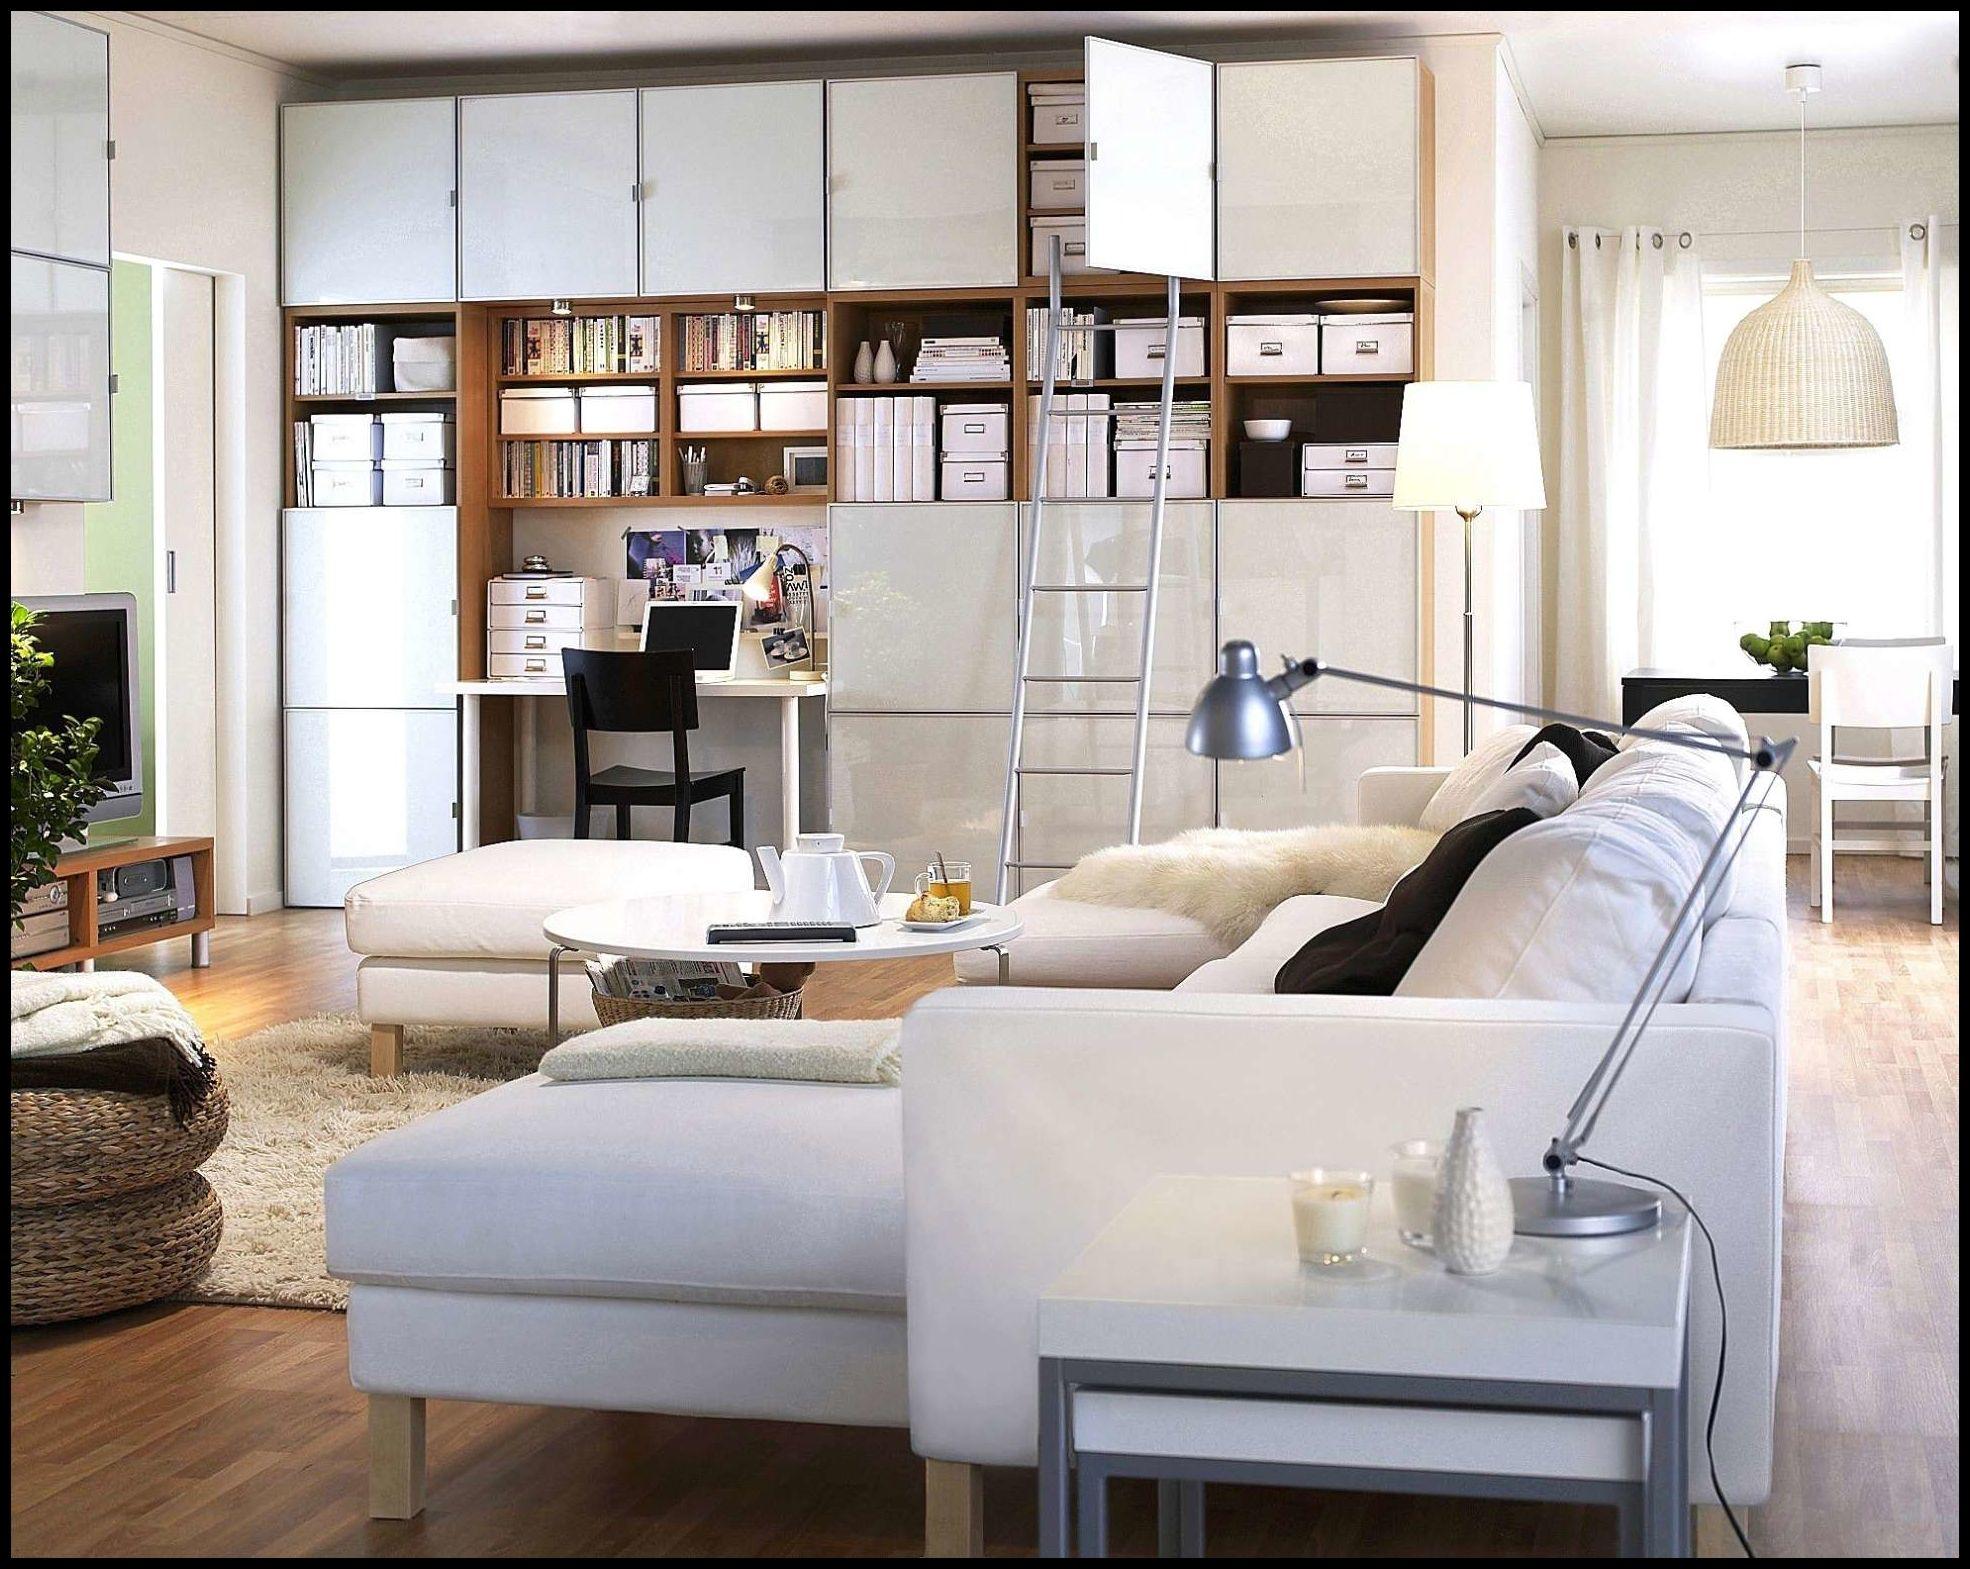 Schlafzimmer 8 Qm Einrichten Altrosa Deko Schlafzimmer Blau Weisse